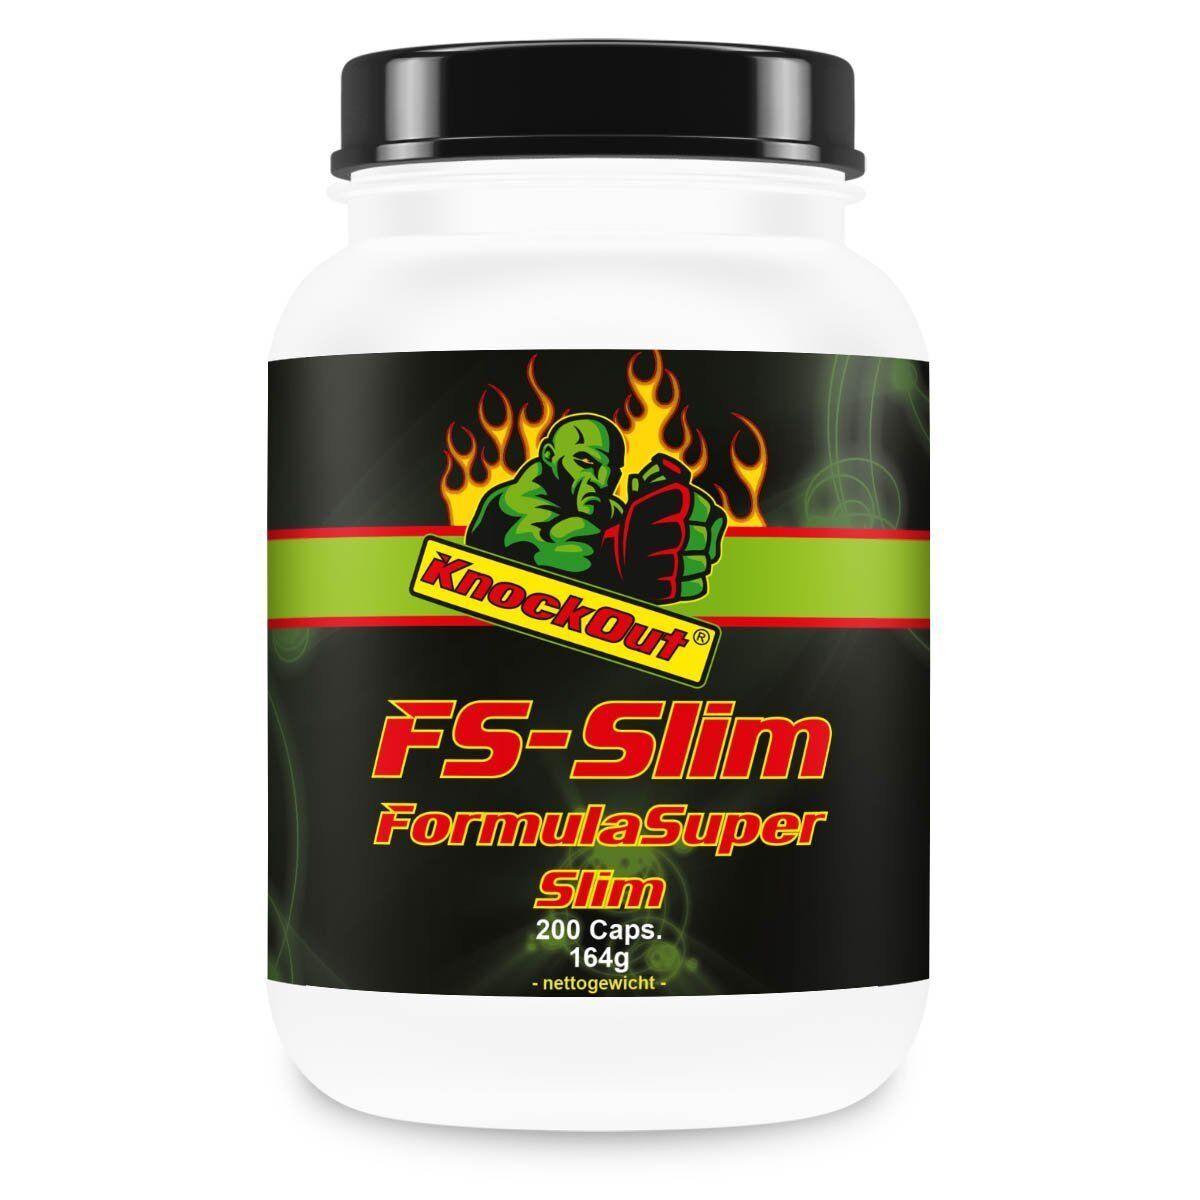 FS-Slim das das FS-Slim Ultra Slim Produkt - Appetithemmer - schneller schlank - guter Look 7fc825